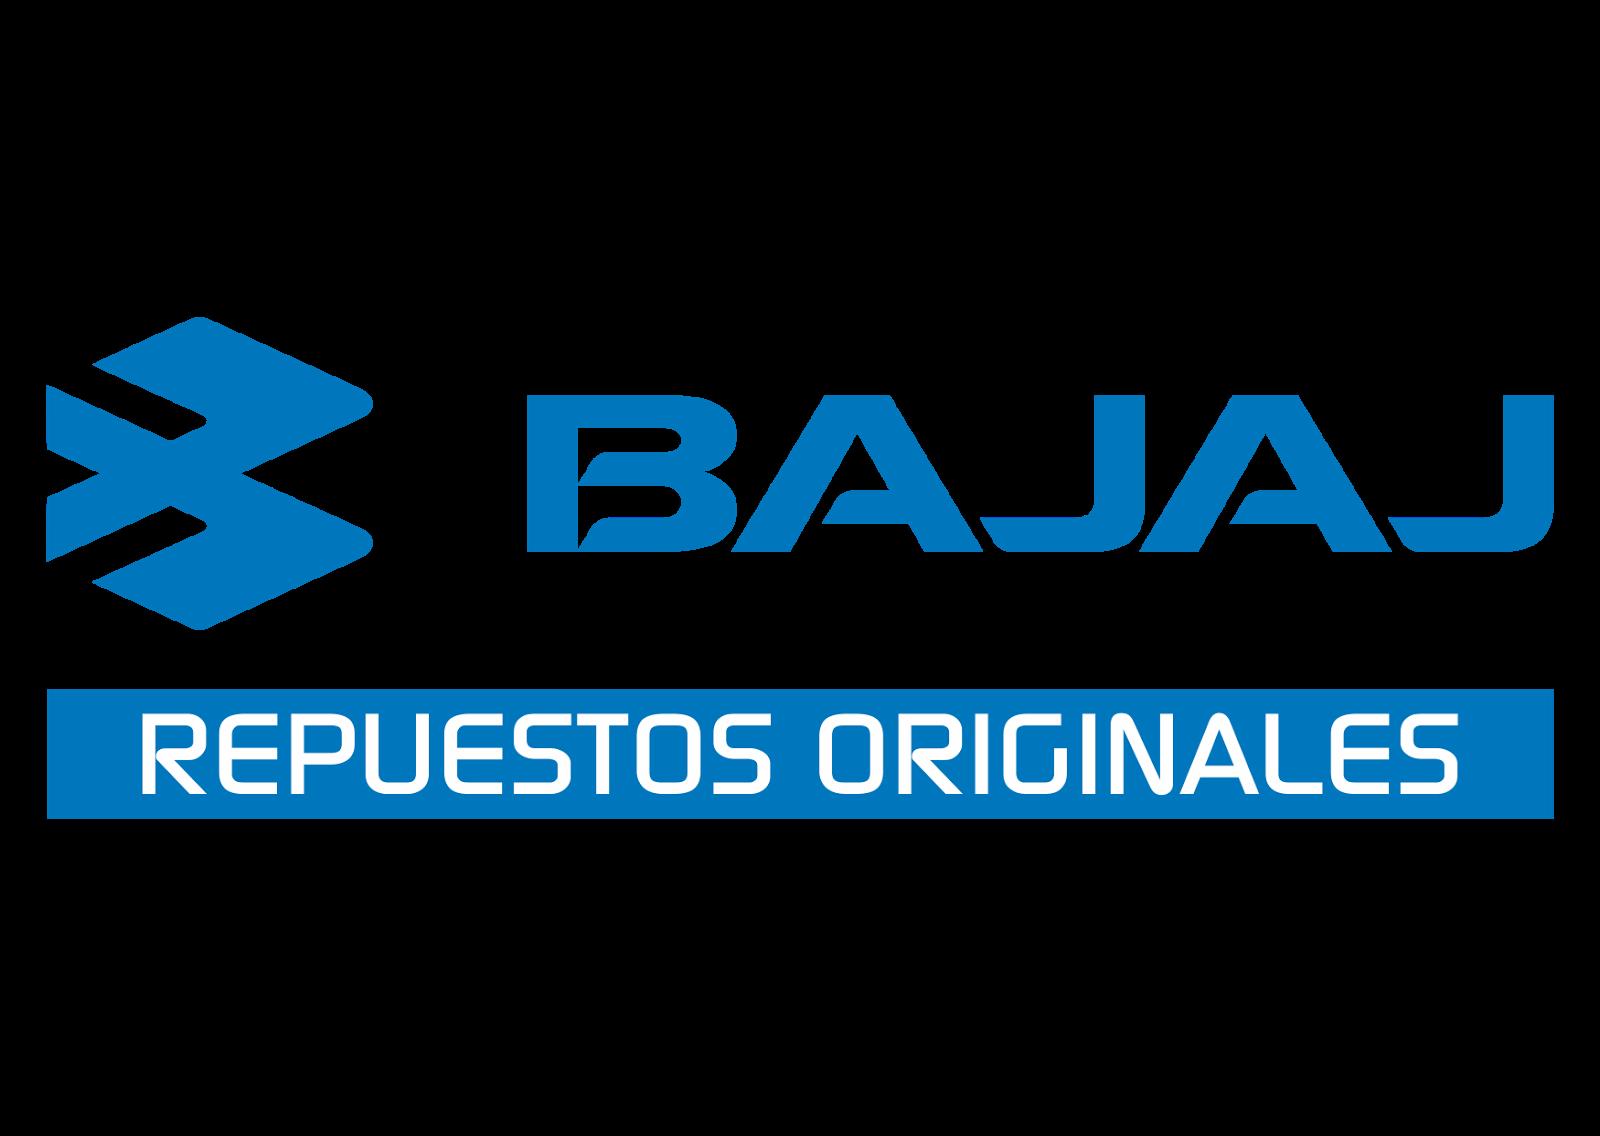 Bajaj Logo Vector download free